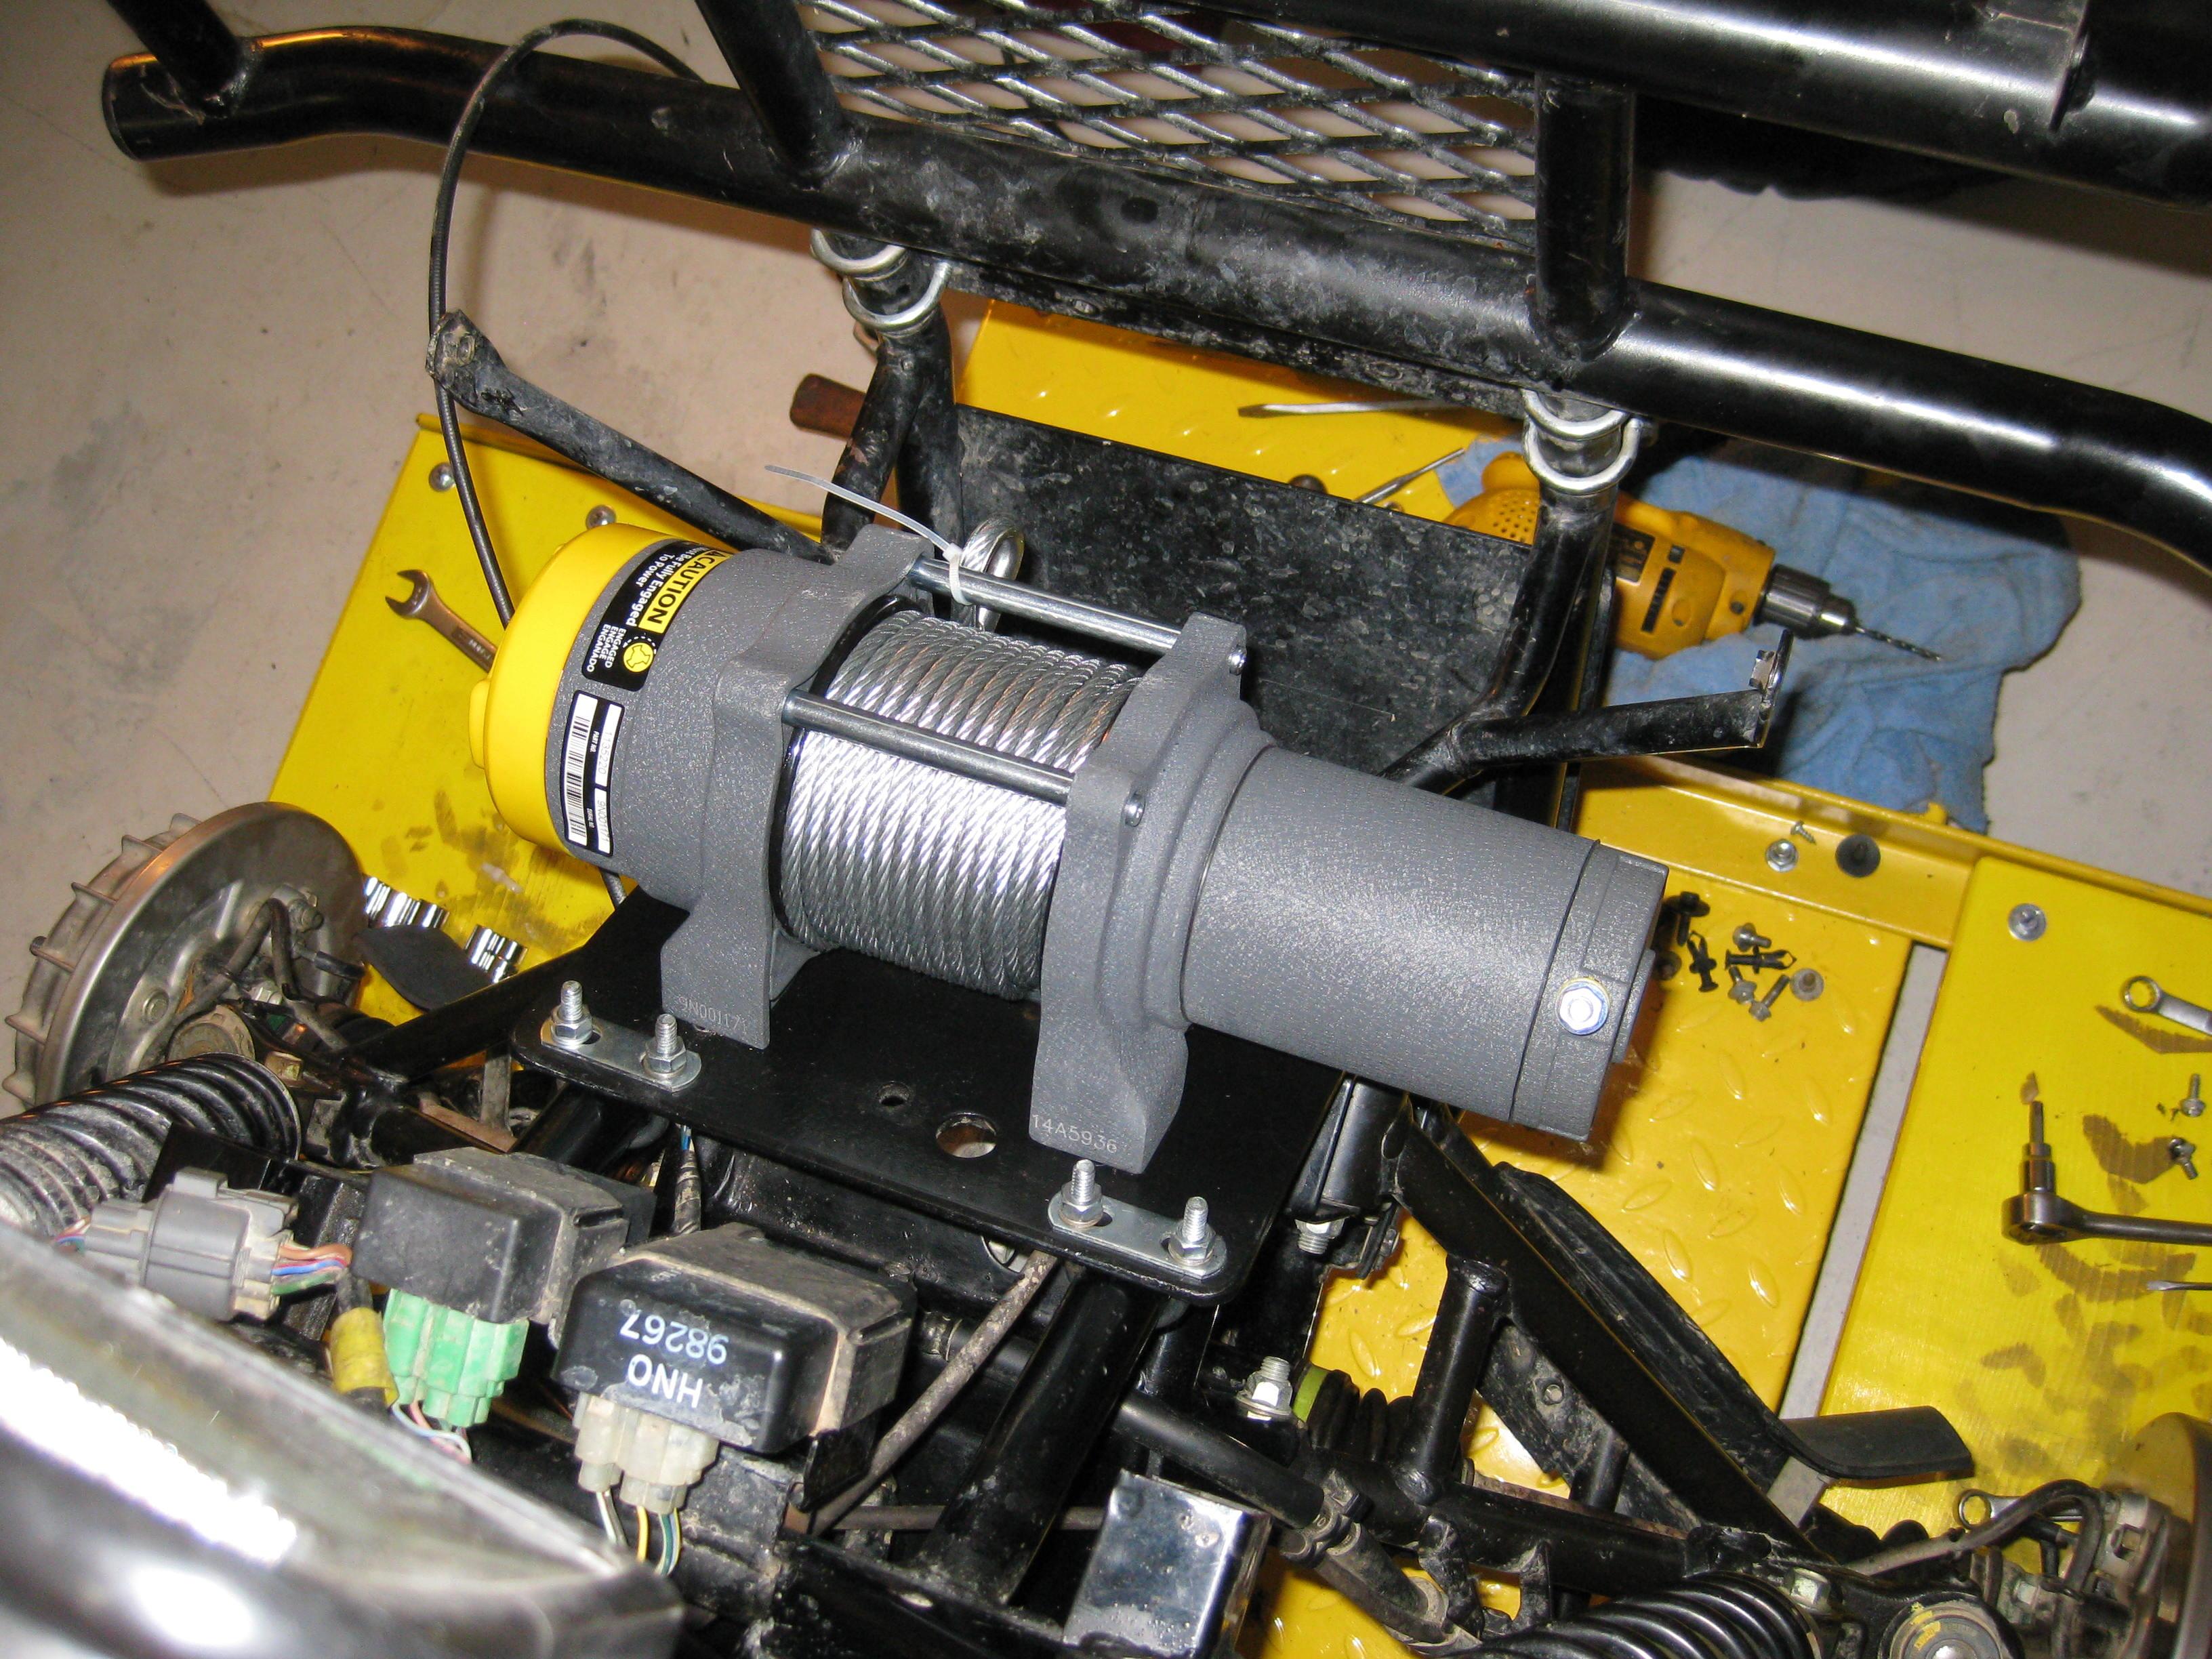 1998 Honda Goldwing Wiring Diagram Library Foreman 450 Es U2022 Shifting A Manual Backup